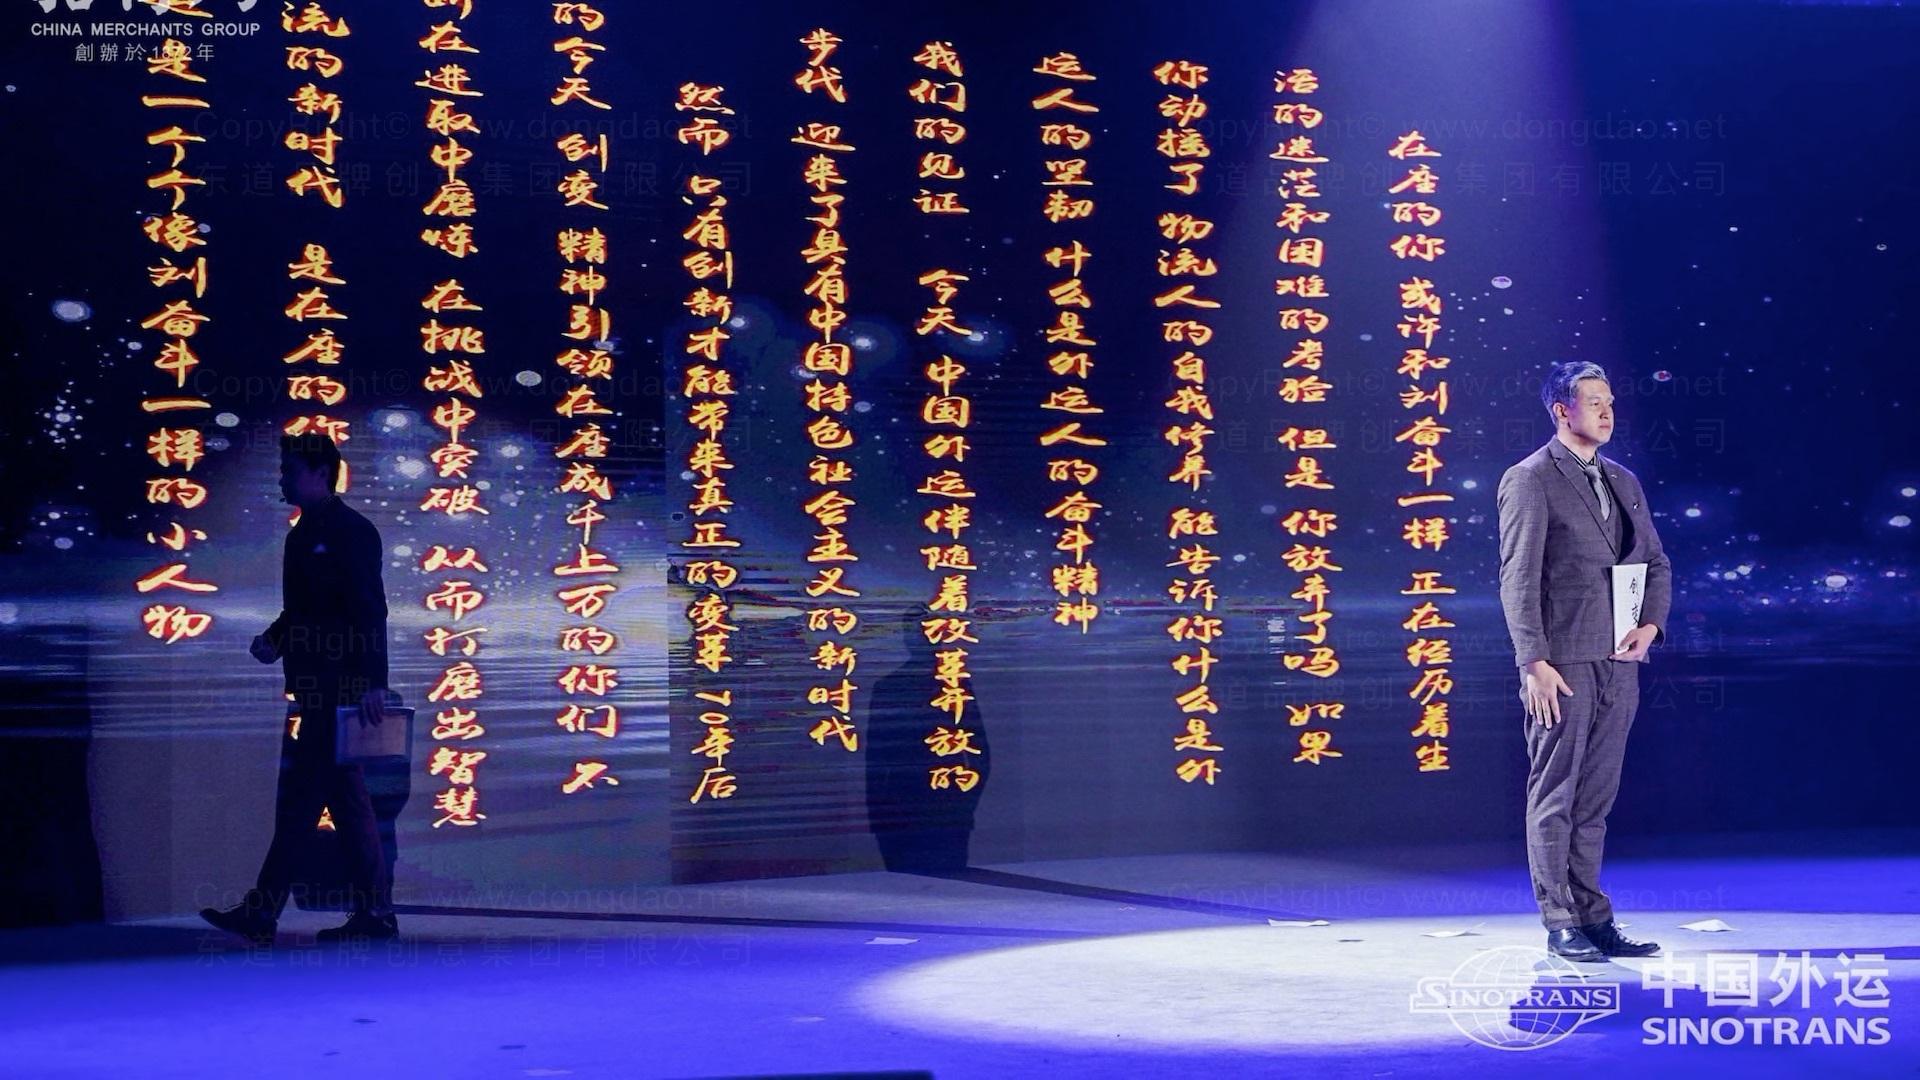 品牌战略&企业文化中国外运企业文化落地项目企业文化手册应用场景_26